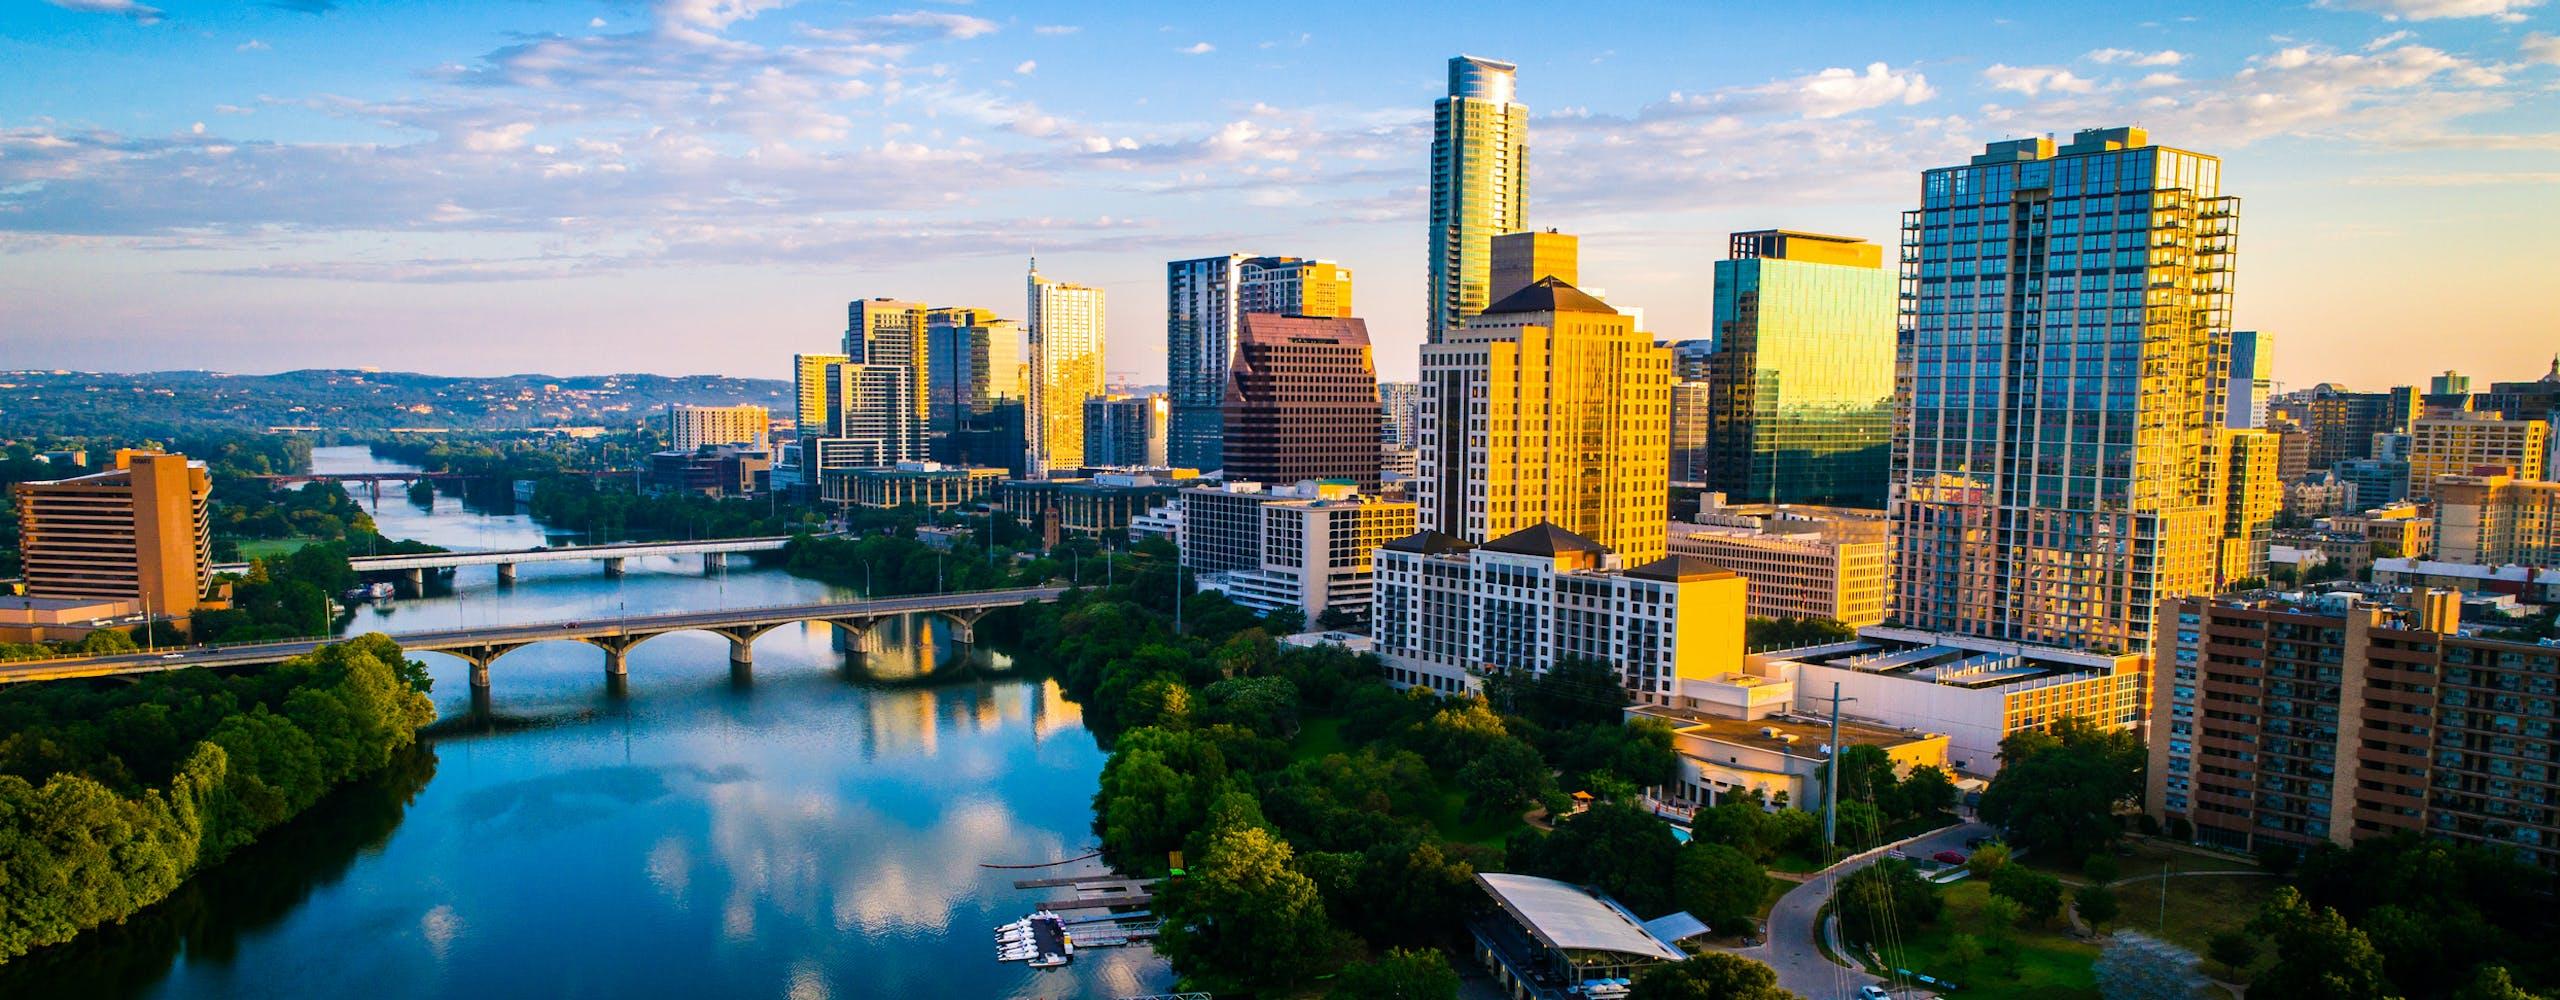 Photo of Austin Texas